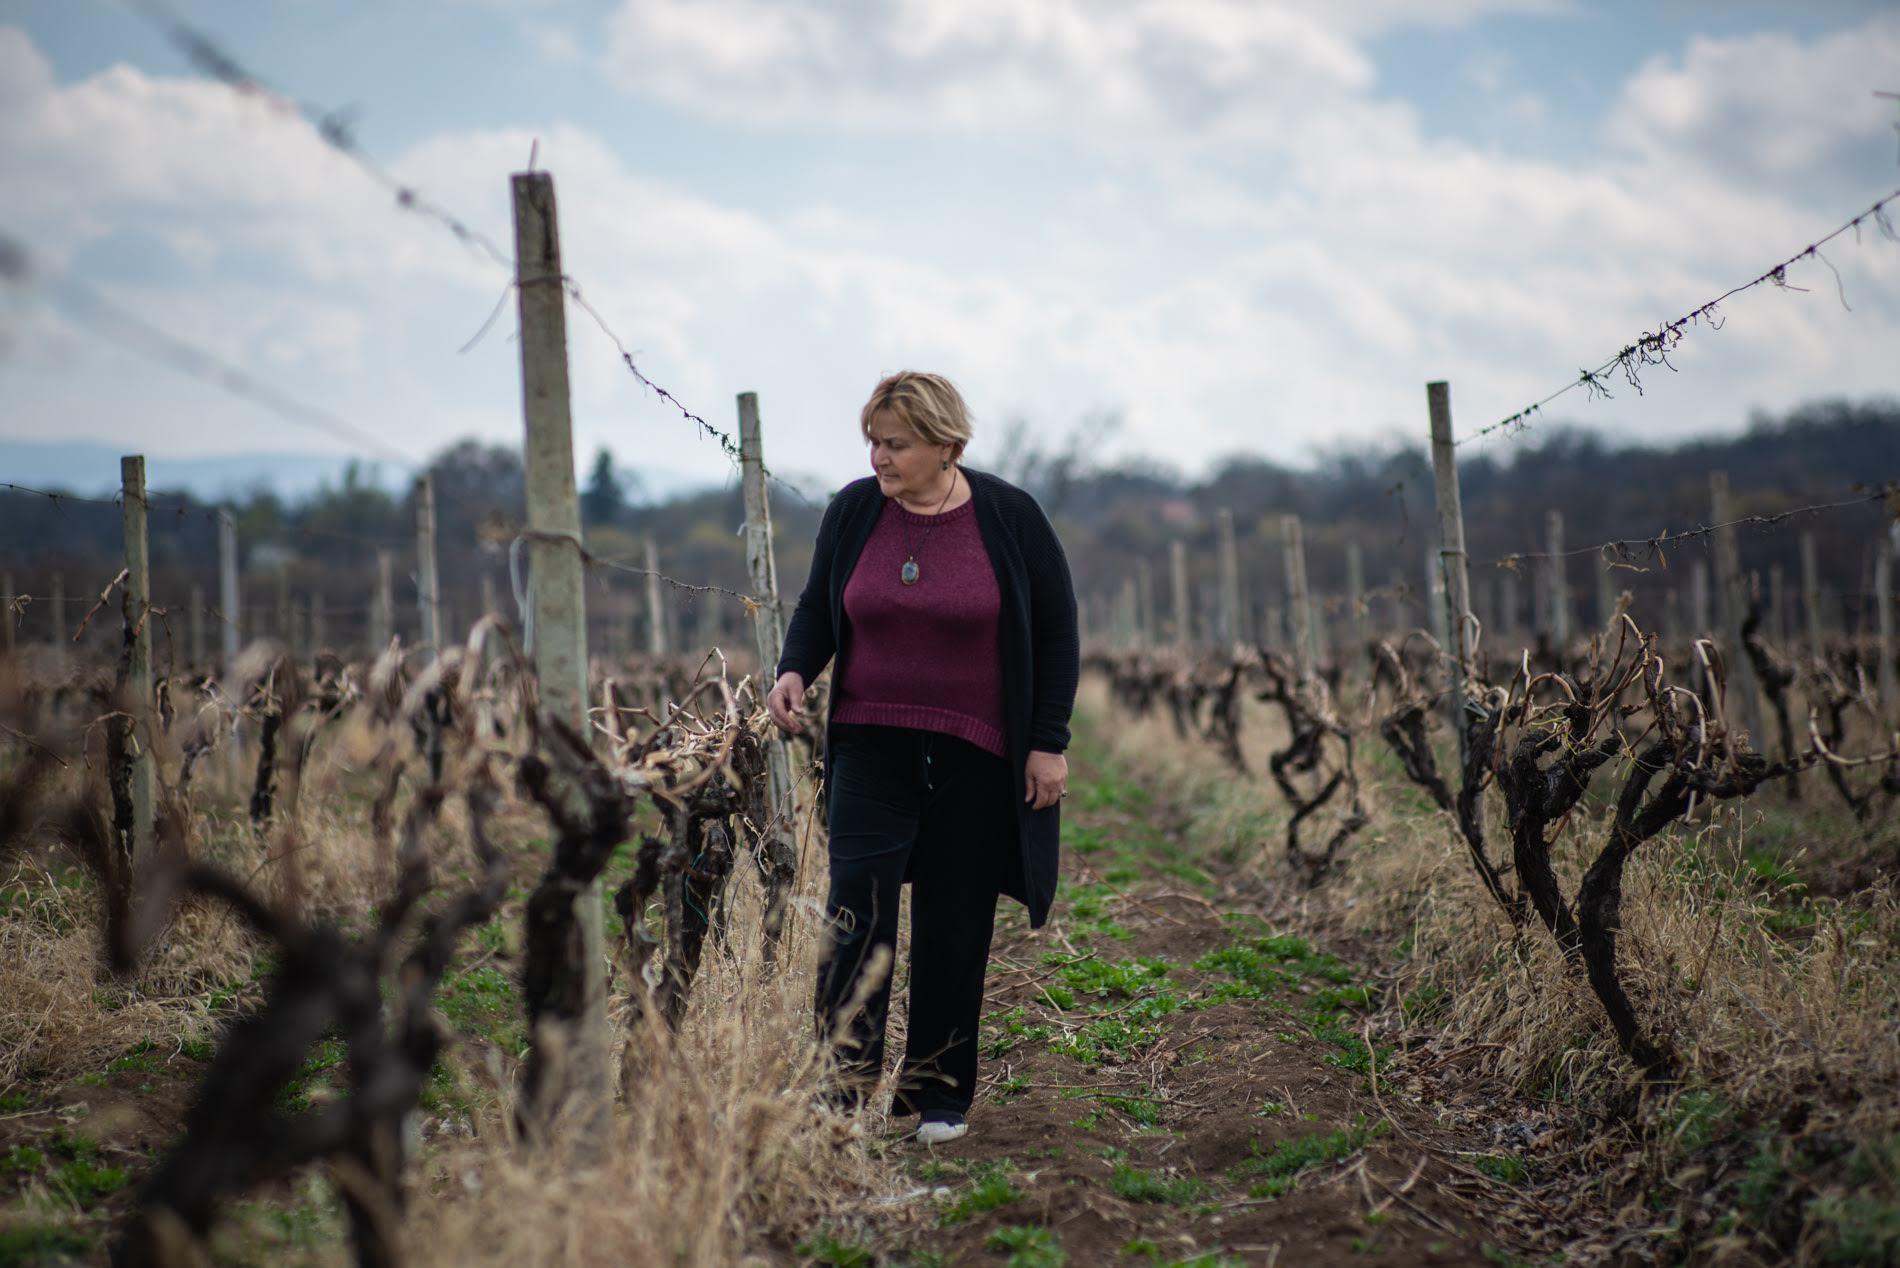 Все мужчины в деревне говорят о моём винограднике», — говорит Марина. Фото: Тамуна Чкареули / OC Media